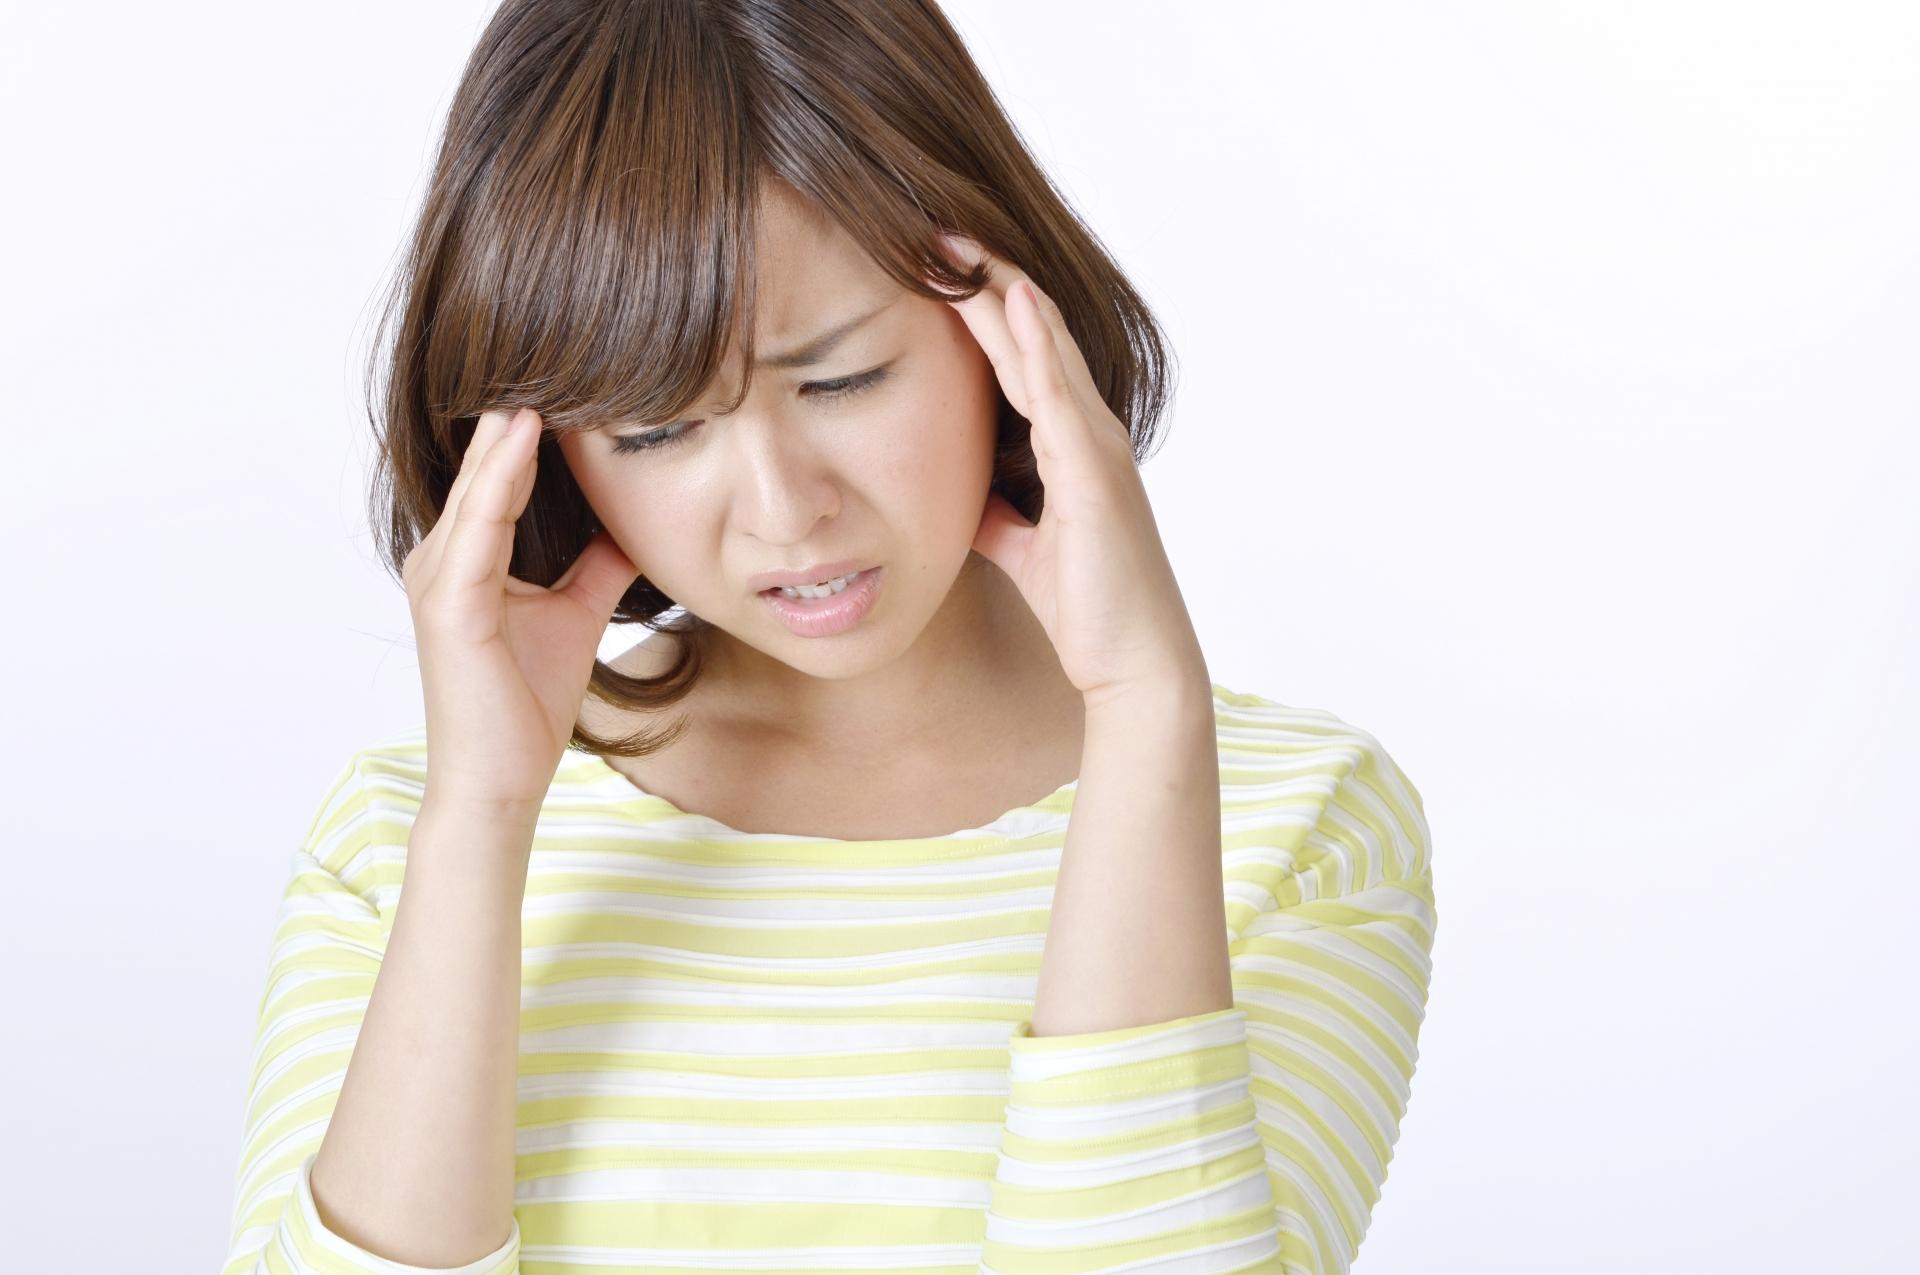 一過性脳虚血発作で頭痛のある女性